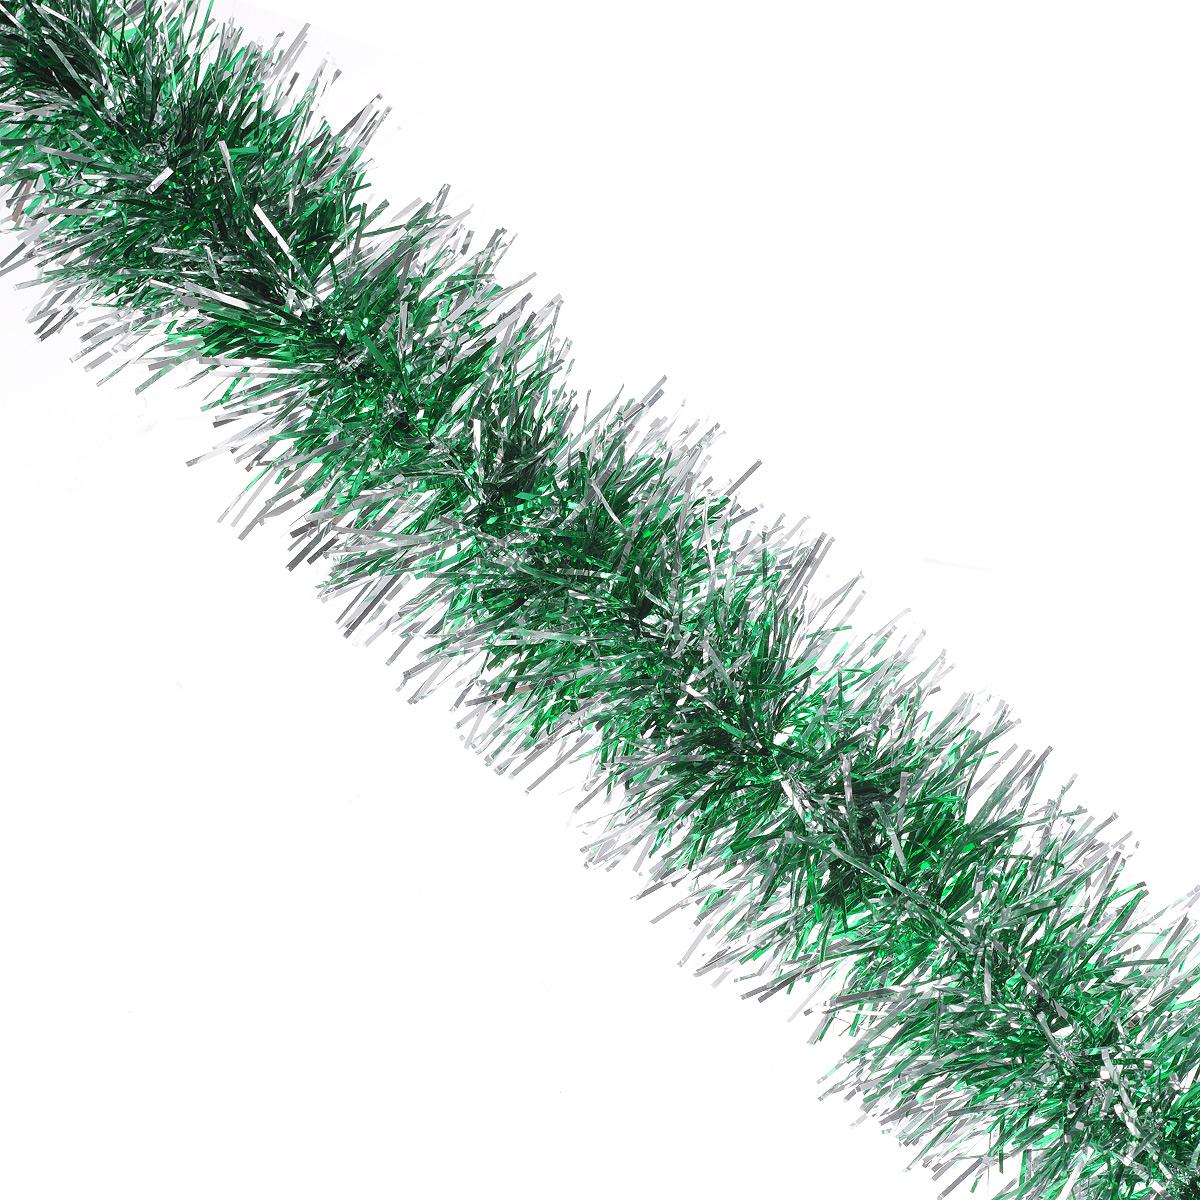 Мишура новогодняя Sima-land, цвет: серебристый, зеленый, диаметр 7 см, длина 150 см. 775876775876Мишура новогодняя Sima-land, выполненная из двухцветной фольги, поможет вам украсить свой дом к предстоящим праздникам. Мишура армирована, то есть имеет проволоку внутри и способна сохранять приданную ей форму.Новогодняя елка с таким украшением станет еще наряднее. Новогодней мишурой можно украсить все, что угодно - елку, квартиру, дачу, офис - как внутри, так и снаружи. Можно сложить новогодние поздравления, буквы и цифры, мишурой можно украсить и дополнить гирлянды, можно выделить дверные колонны, оплести дверные проемы. Коллекция декоративных украшений из серии Зимнее волшебство принесет в ваш дом ни с чем несравнимое ощущение праздника! Создайте в своем доме атмосферу тепла, веселья и радости, украшая его всей семьей.